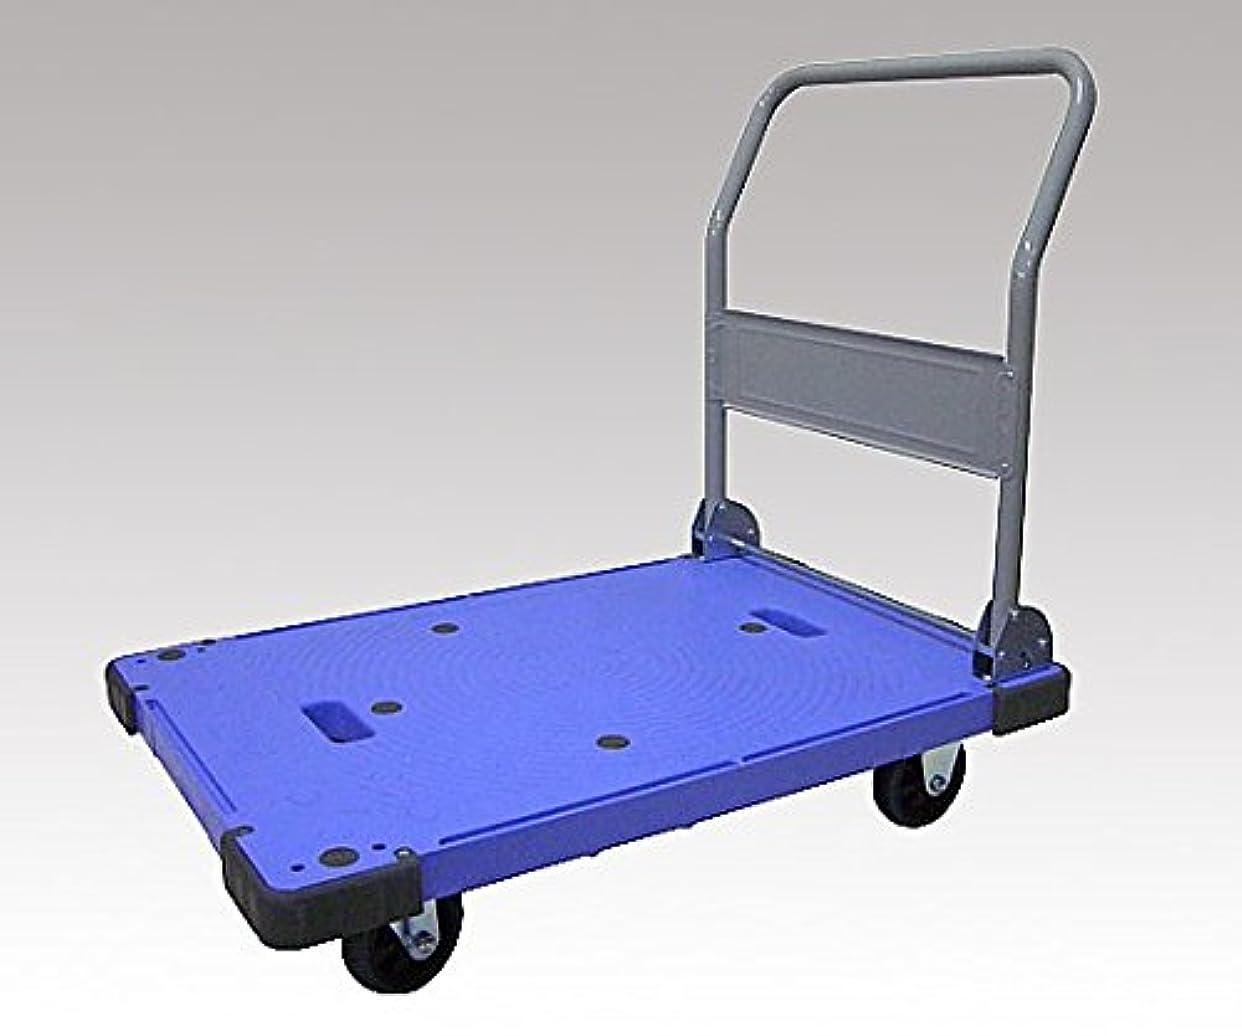 さておきバルセロナ旅行者0-7203-02静音樹脂運搬車(折りたたみ式/300kg)